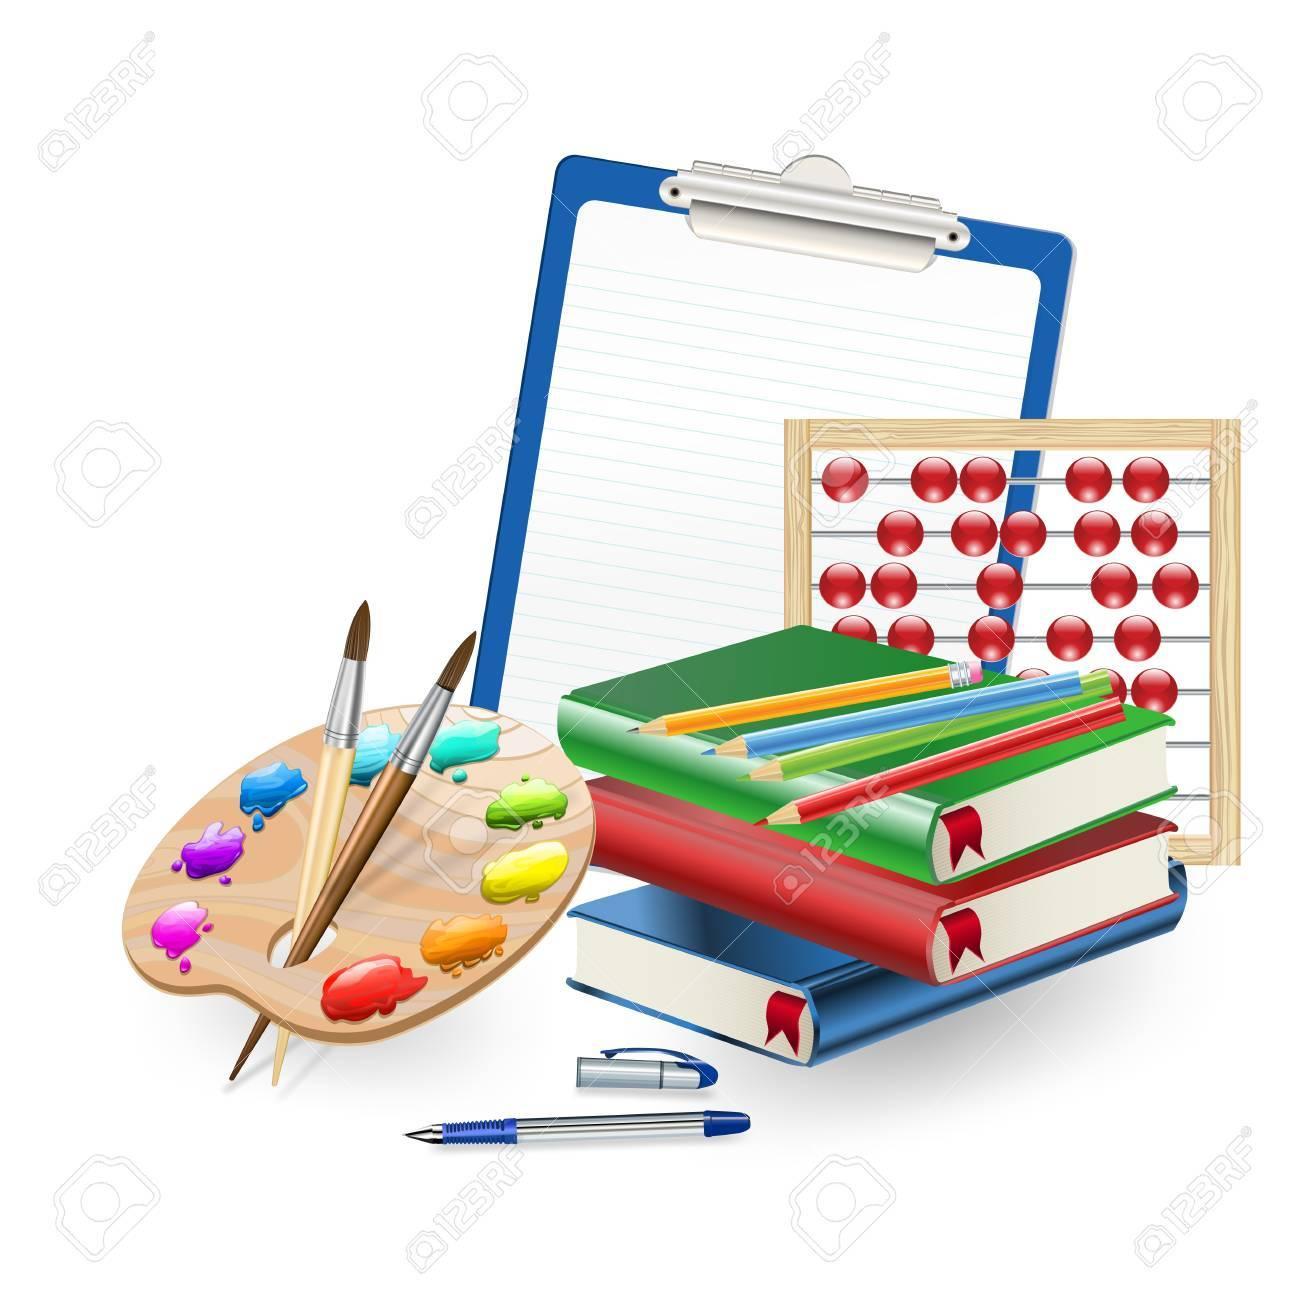 school supplies Stock Vector - 18246406